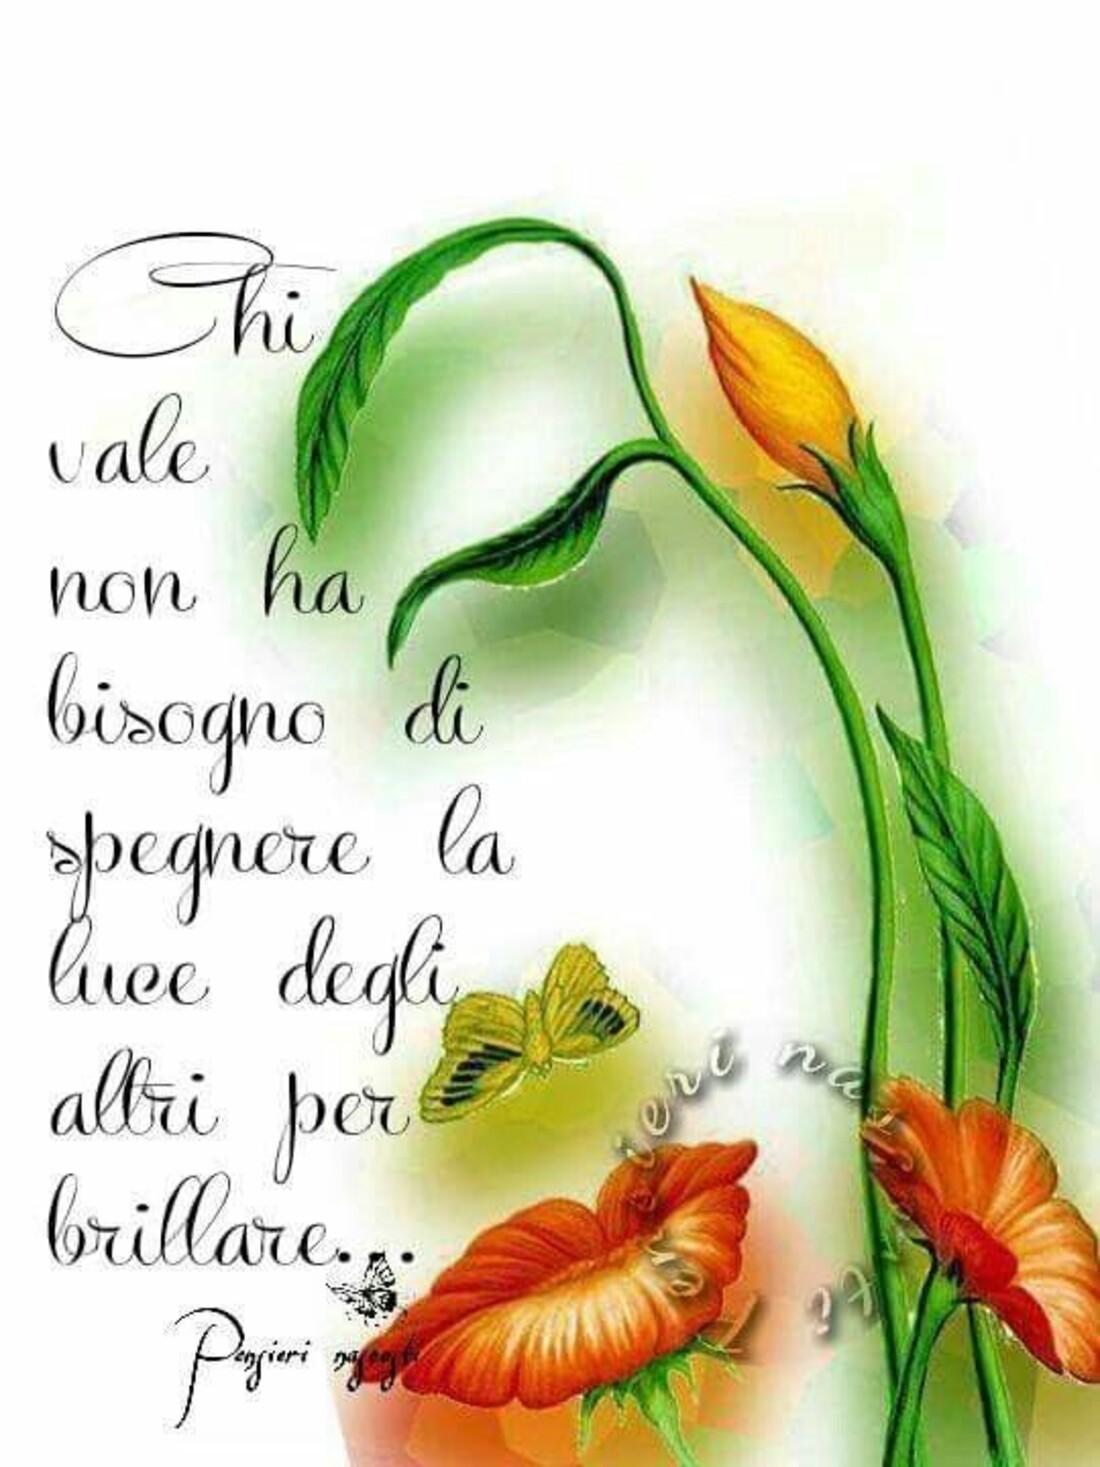 Chi vale non ha bisogno di spegnere la luce degli altri per brillare...